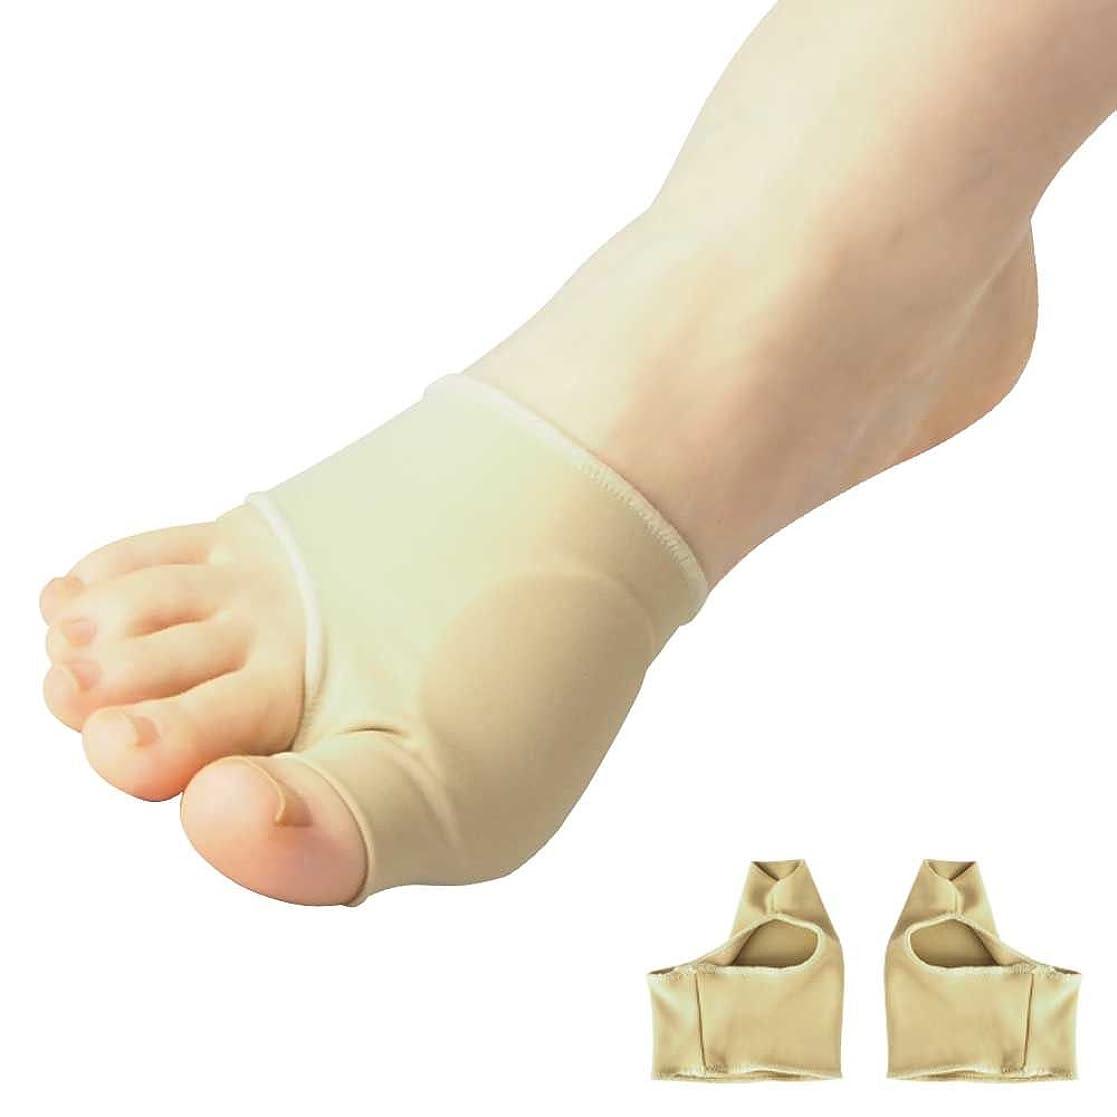 司令官スロー認める外反母趾 フットケア サポーター 靴擦れ対策 (S)